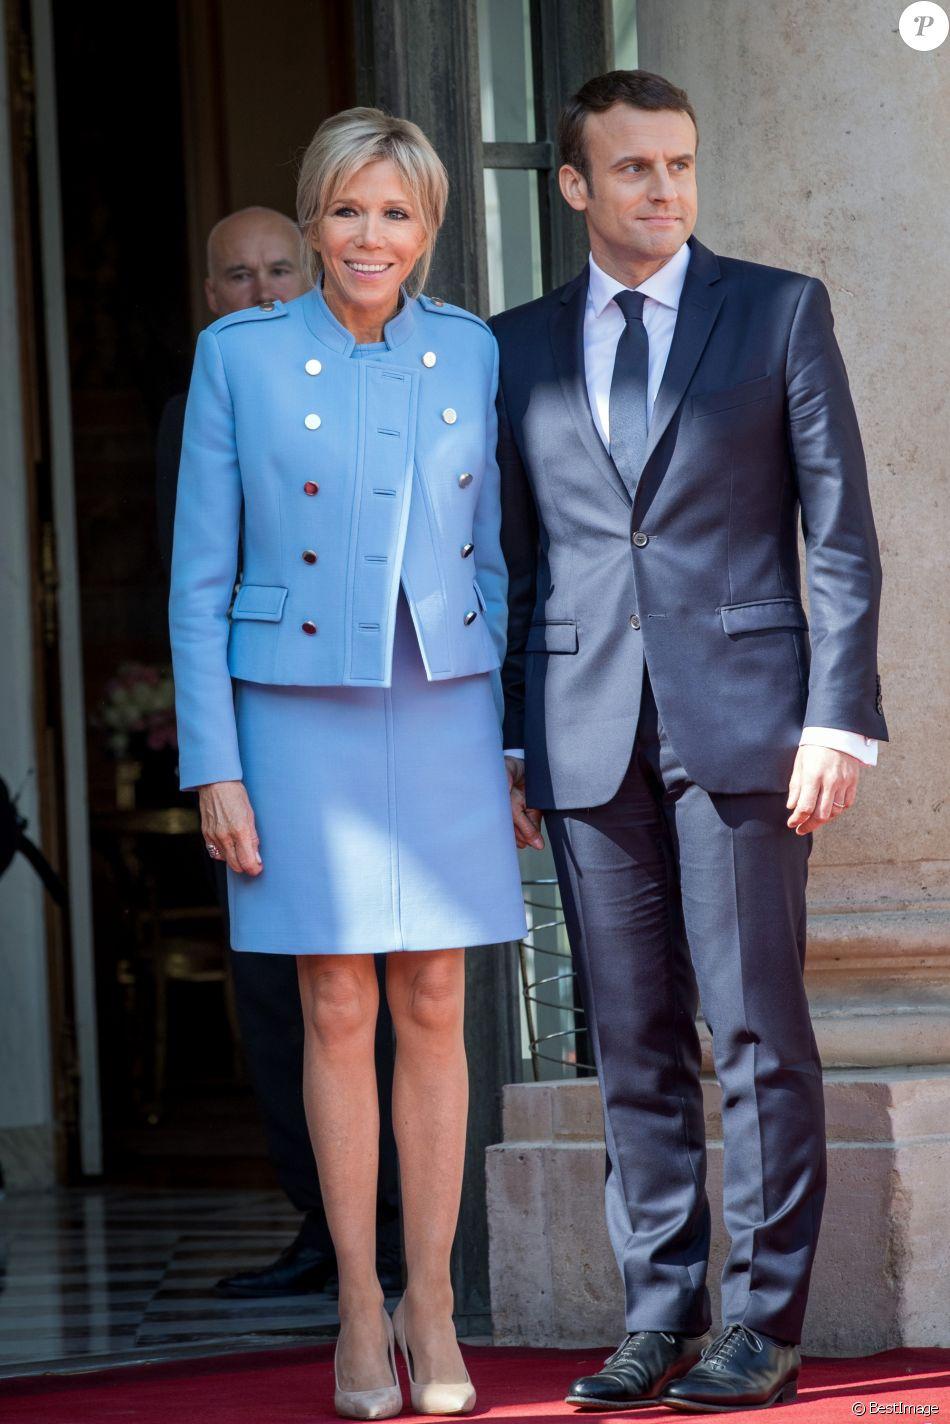 """Emmanuel Macron (costume """"Jonas & Cie"""" (rue d'Aboukir à Paris) à 450 Euros) et sa femme Brigitte Macron (Trogneux) (robe bleue lavande, qui lui est prêtée par Louis Vuitton, conçue par N. Ghesquière) - Passation de pouvoir entre Emmanuel Macron et François Hollande au Palais de l'Elysée à Paris le 14 mai 2017. © Cyril Moreau / Bestimage"""